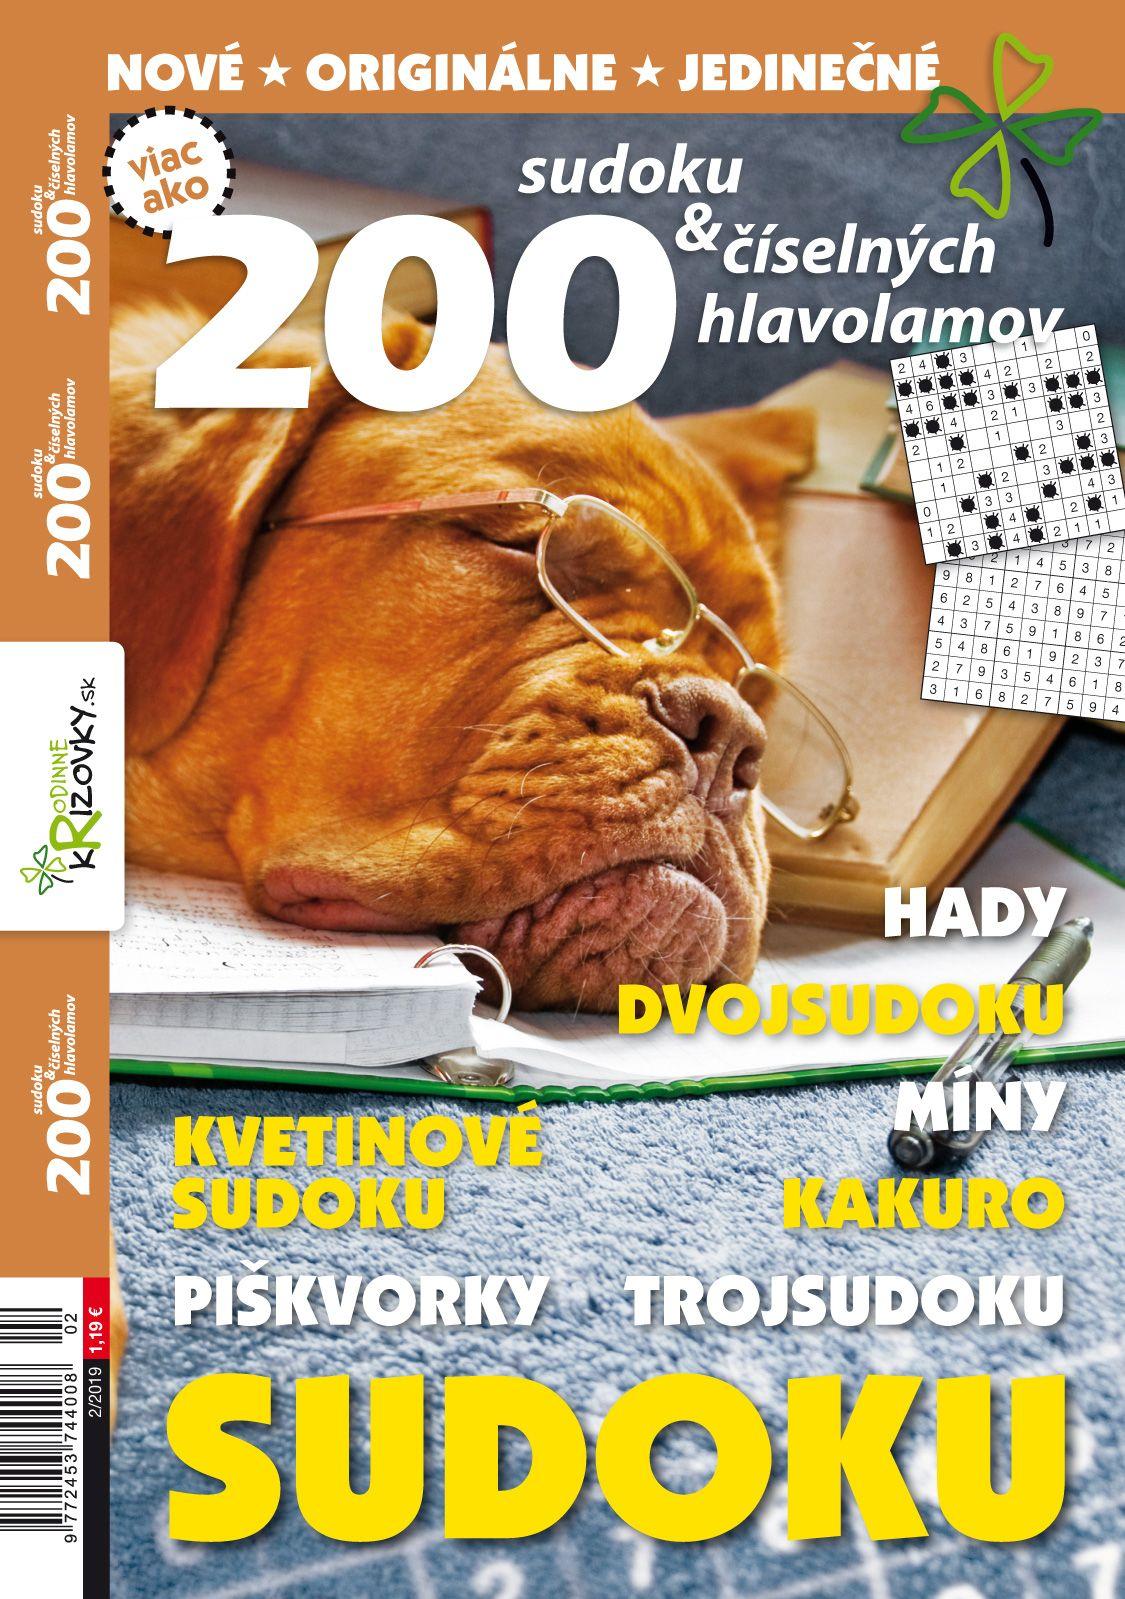 200 Sudoku a iných číselných hlabolamov 22019